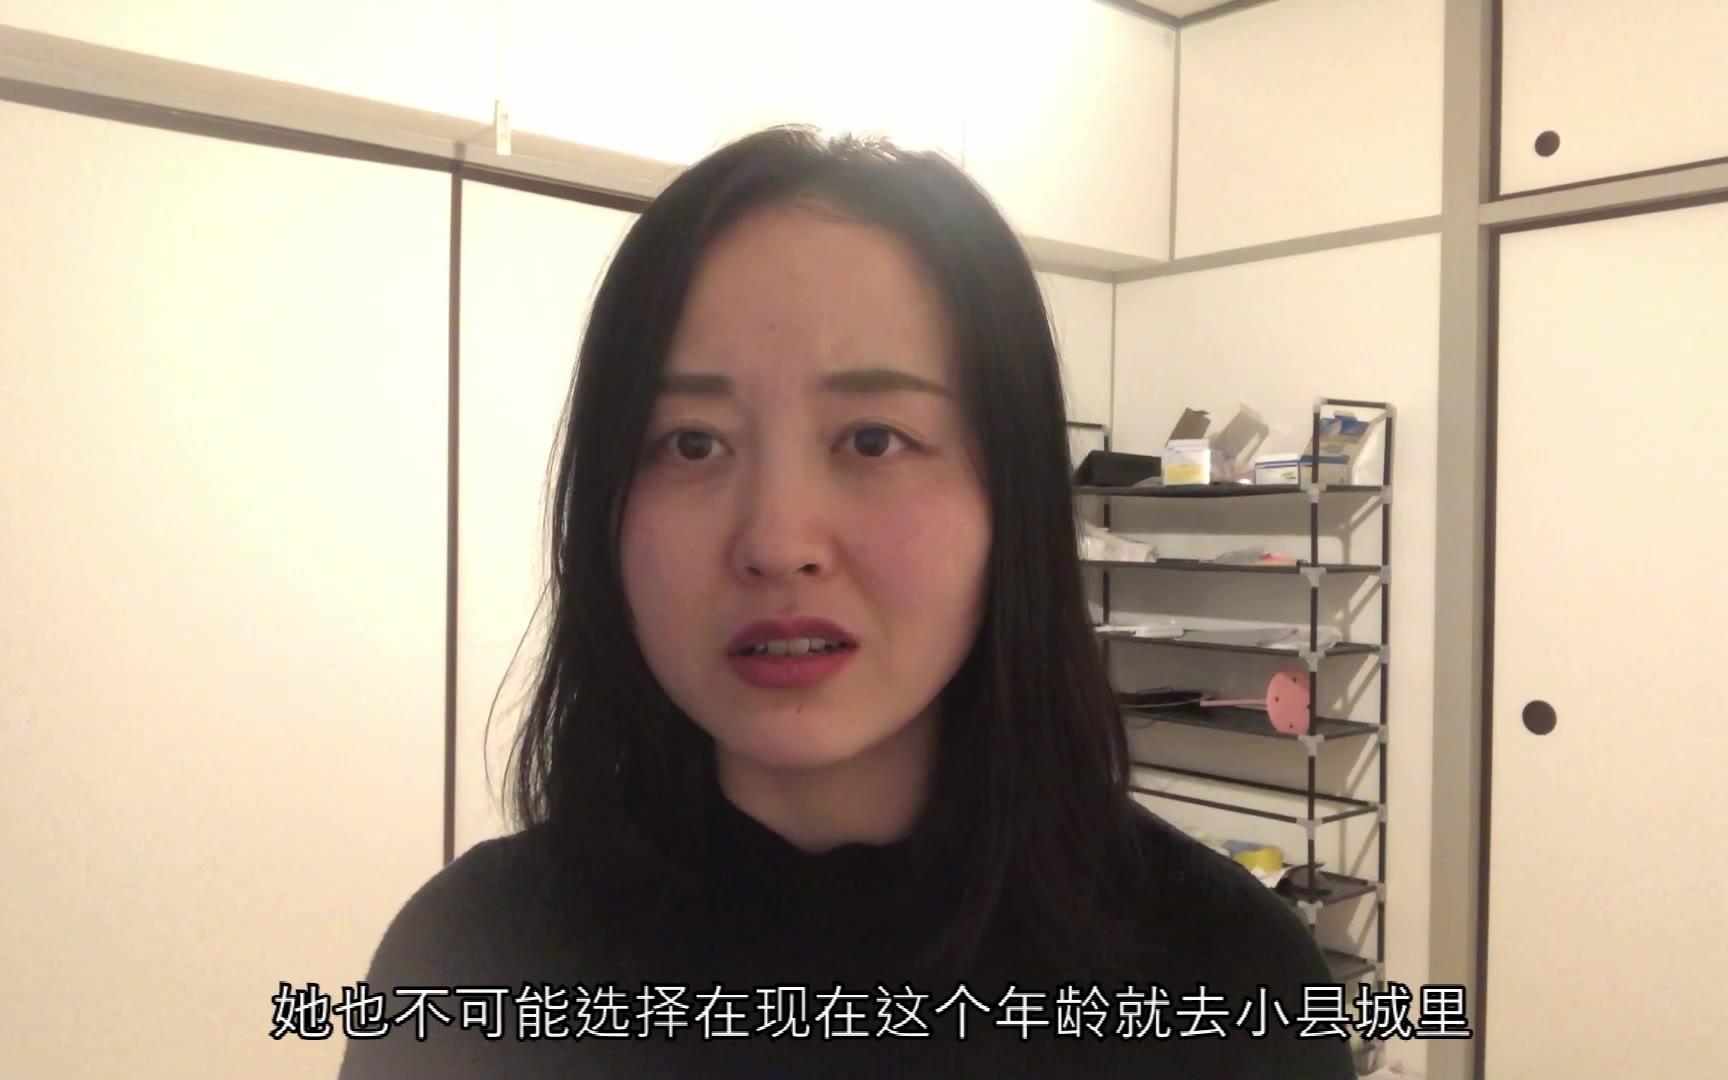 疫情失业无法回国,在日本打零工,成年人的世界到底有多心酸?